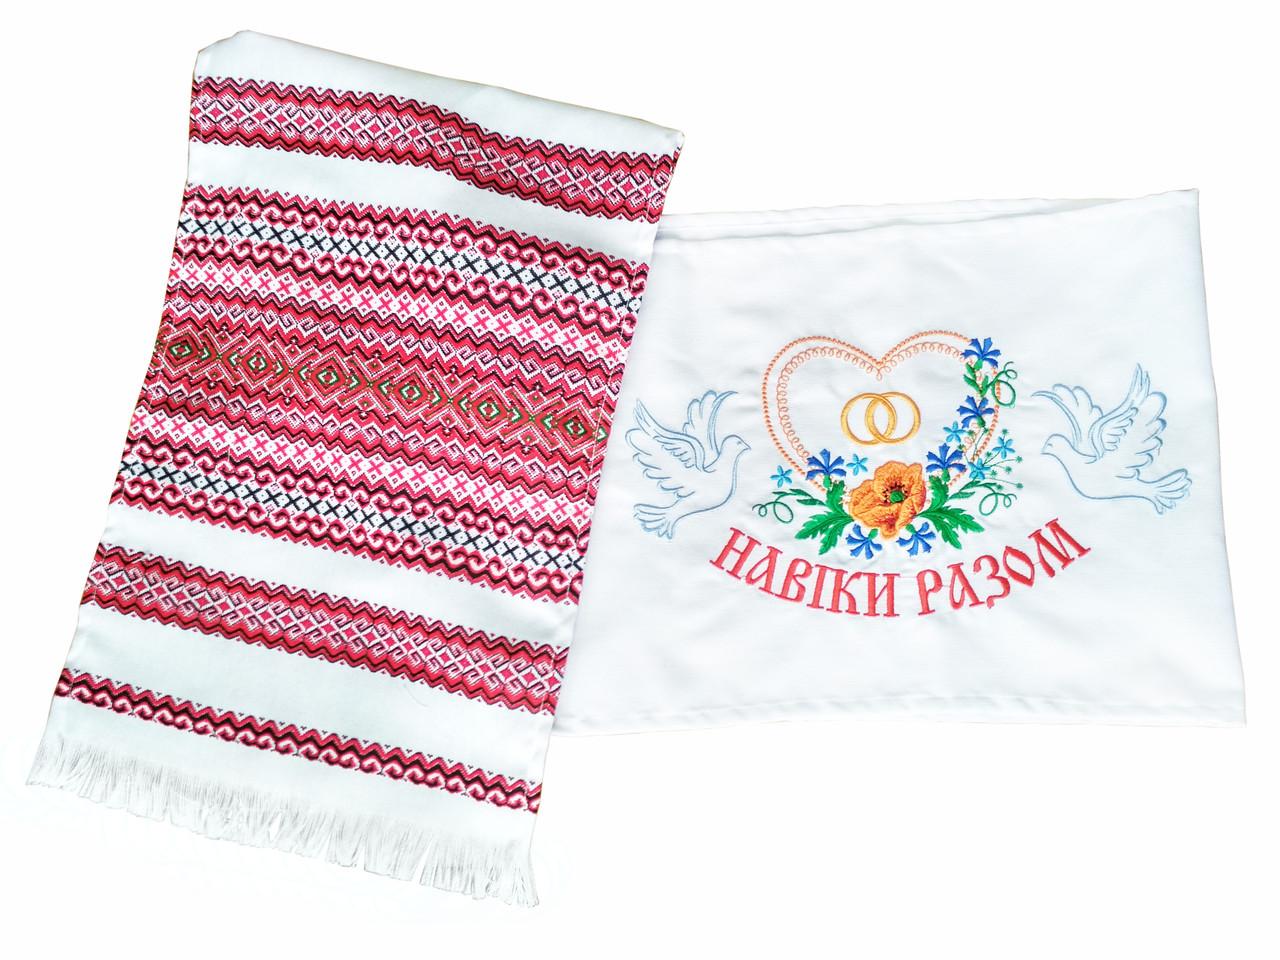 Комплект рушників на весілля вишитий та тканний 230/33 см